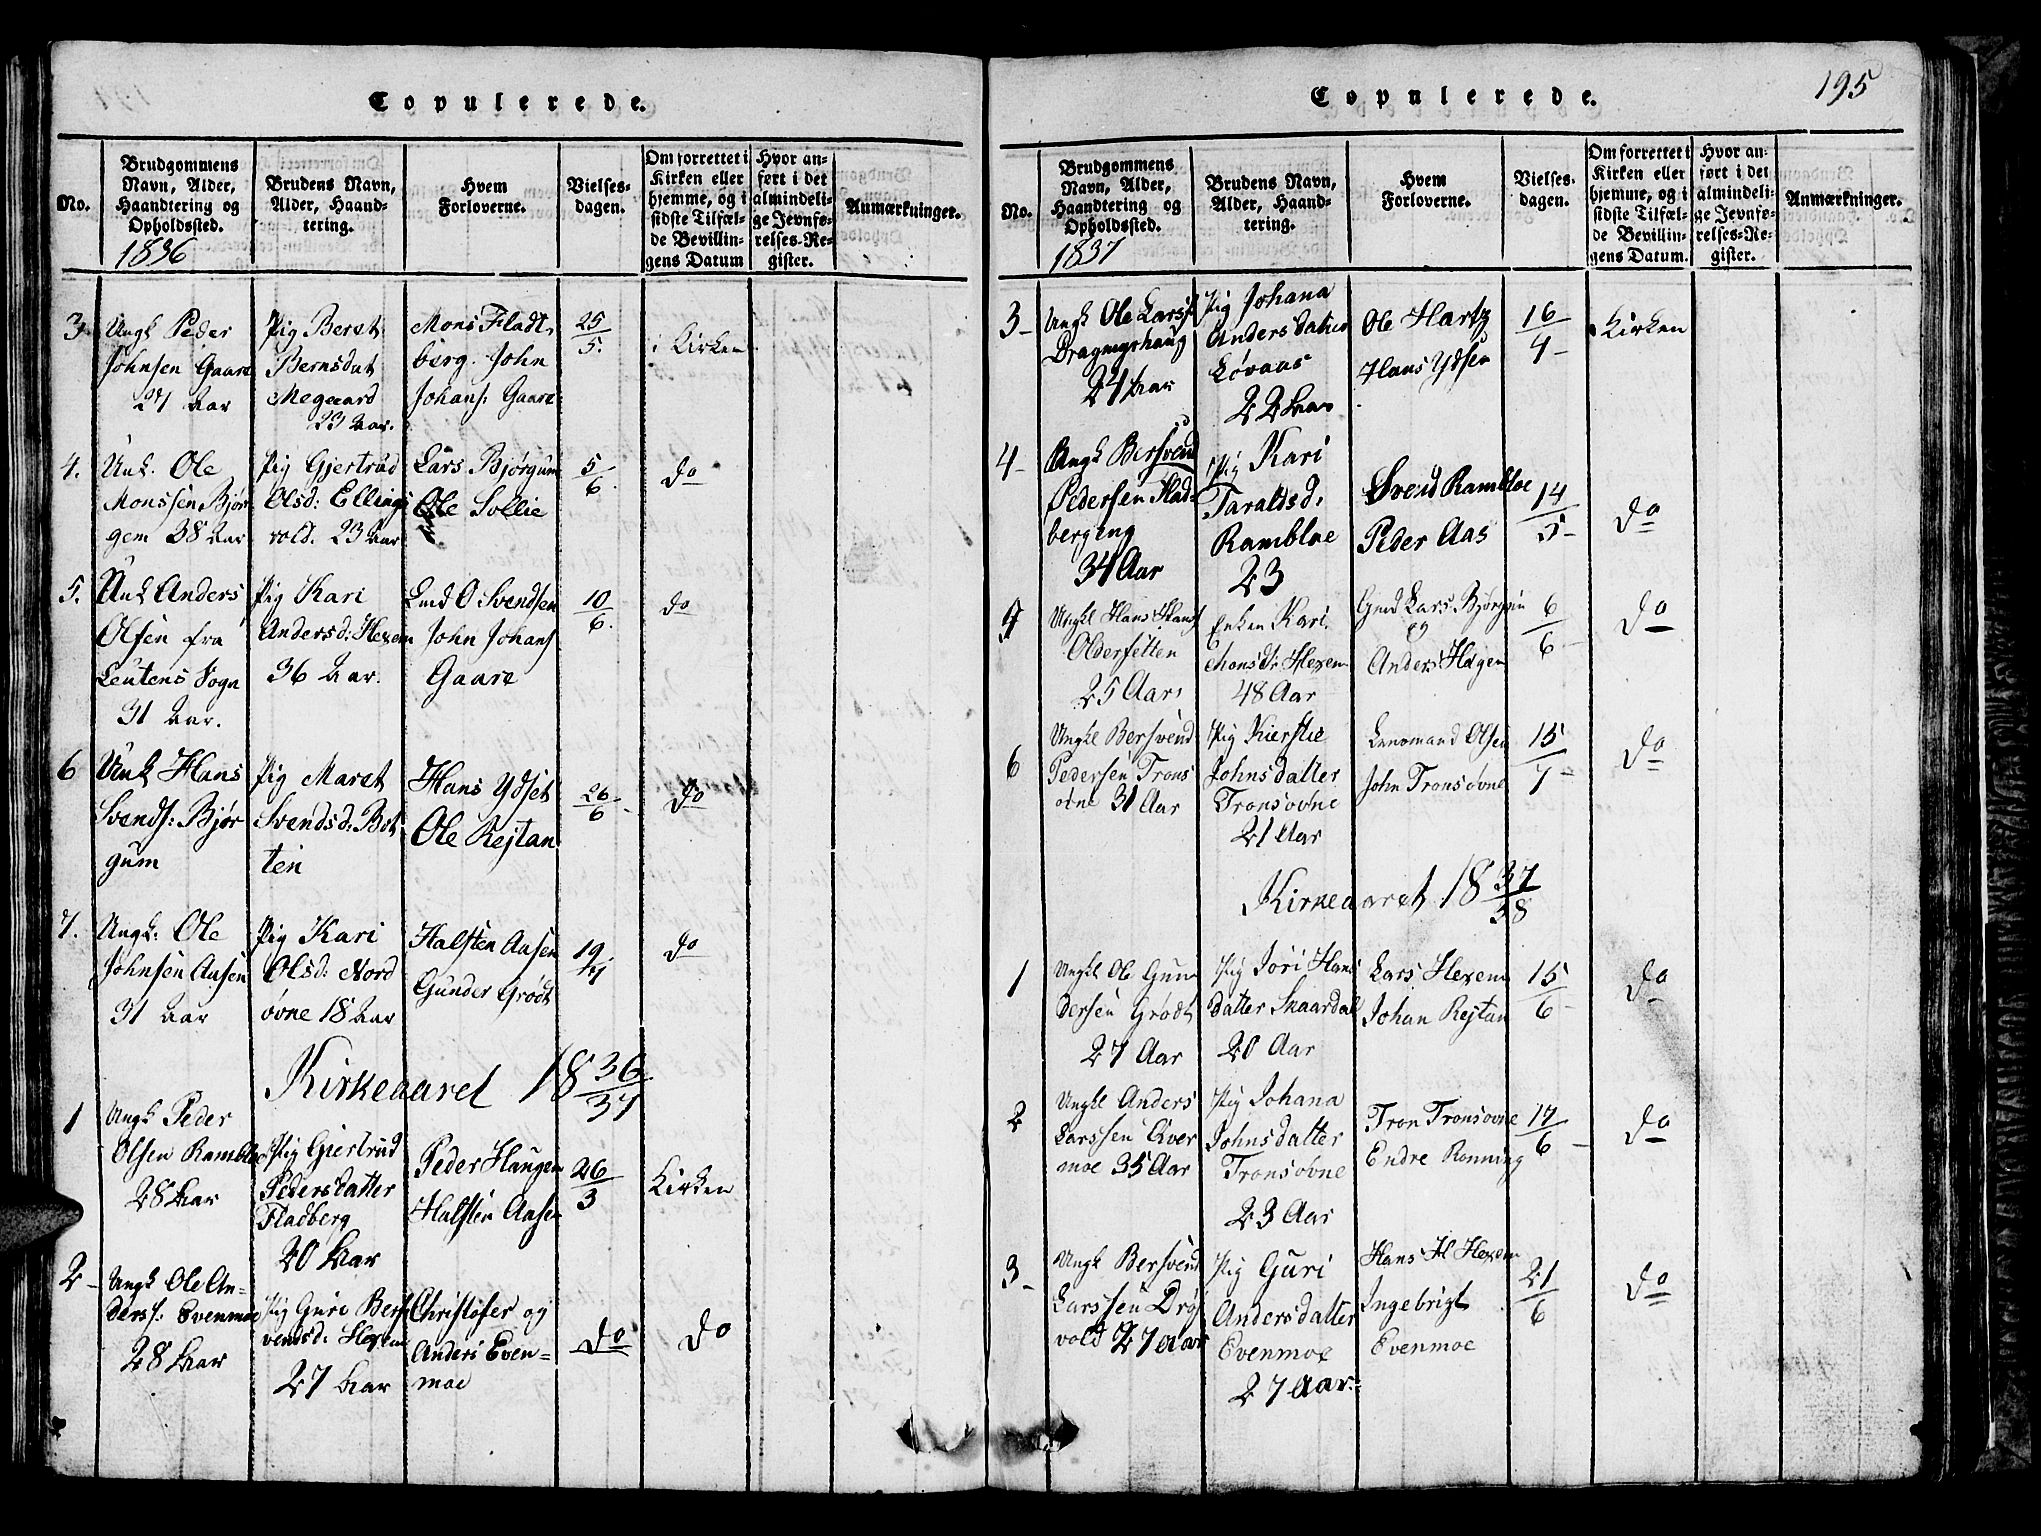 SAT, Ministerialprotokoller, klokkerbøker og fødselsregistre - Sør-Trøndelag, 685/L0976: Klokkerbok nr. 685C01, 1817-1878, s. 195